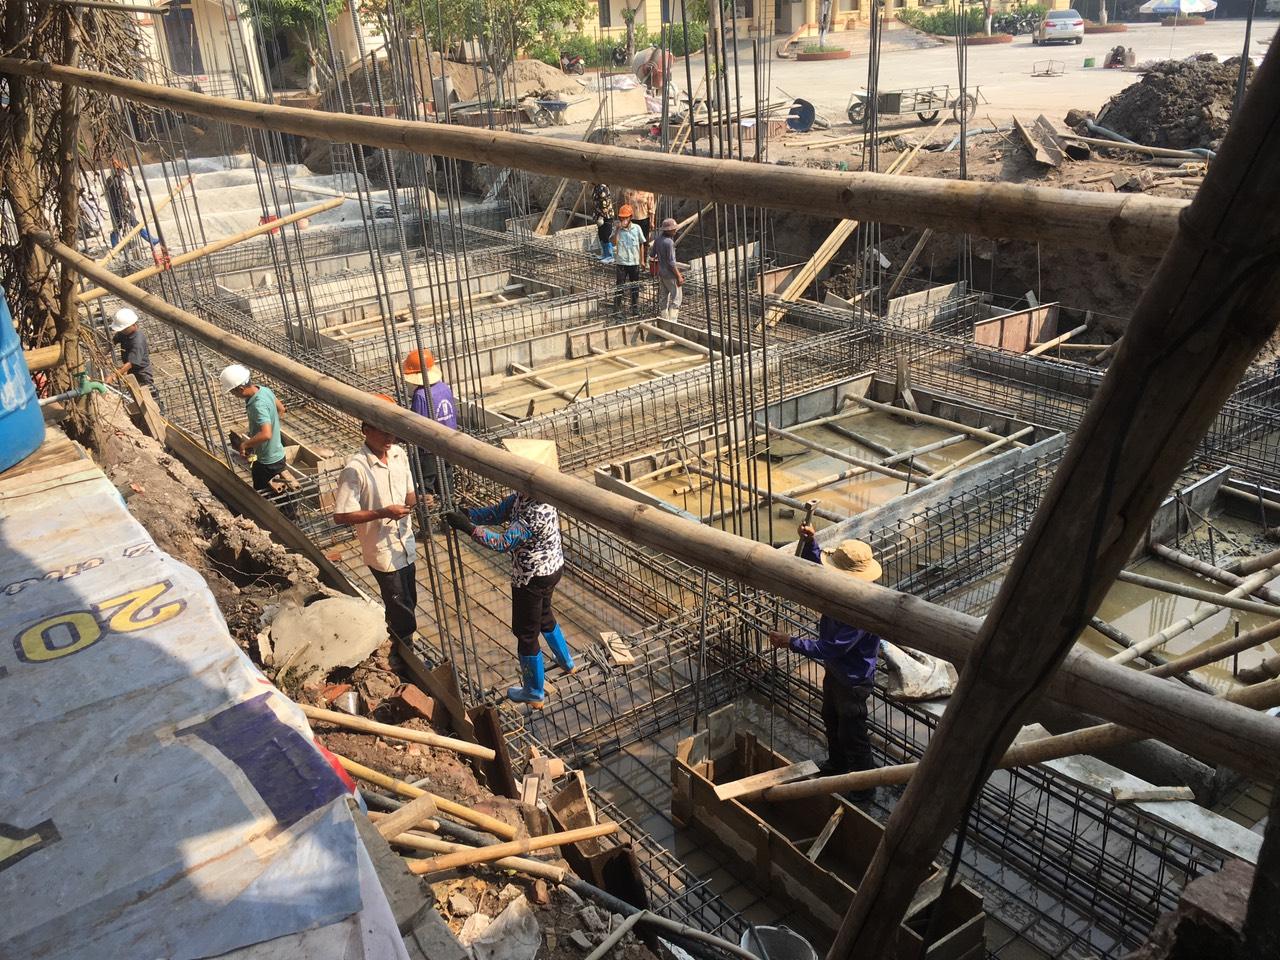 báo giá xây nhà trọn gói quận Cầu Giấy, Hà Nội